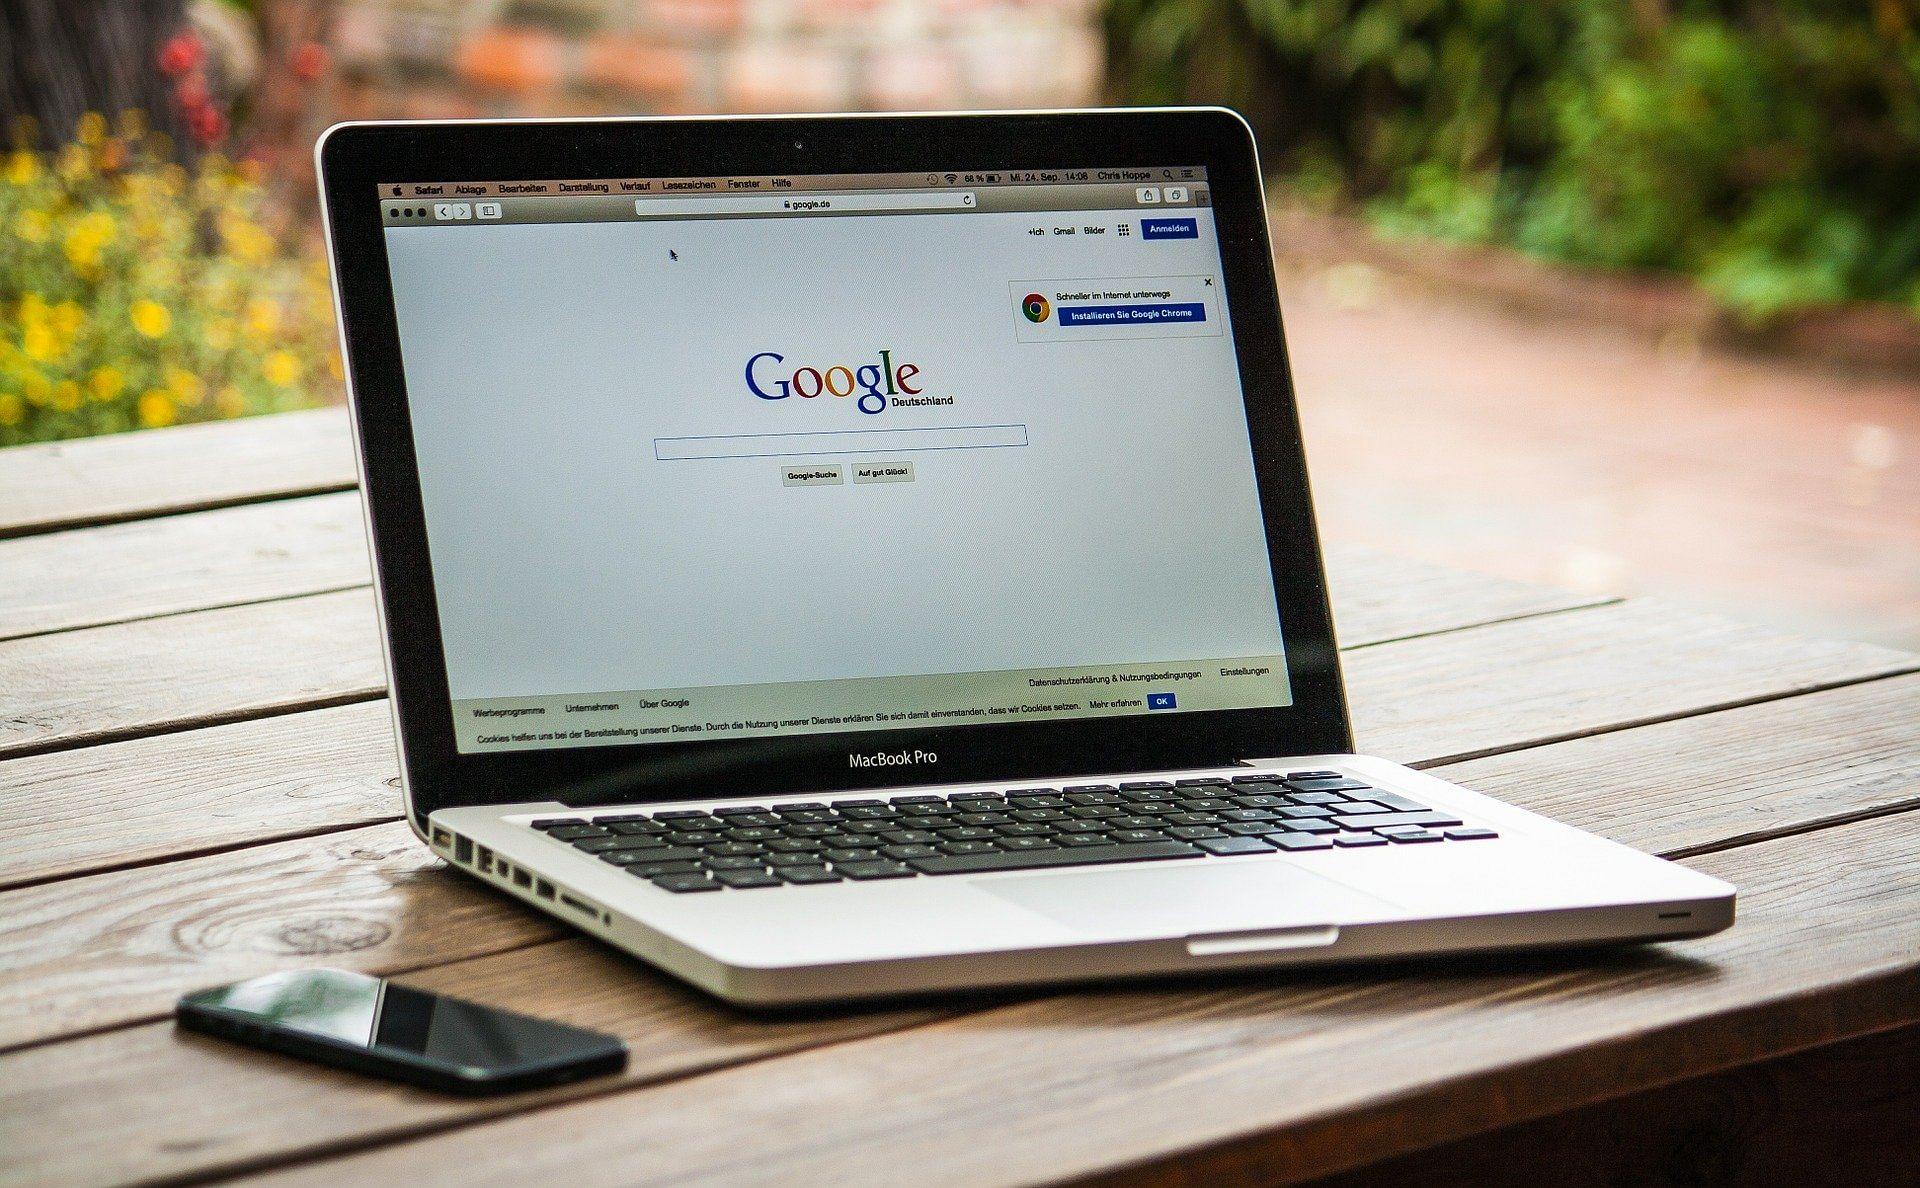 ஆன்லைன் கிளாஸ் சண்டைகள்!' -லேப்டாப் வாங்கப் போகும் அப்பாக்களின்  கவனத்துக்கு.. #MyVikatan  Tips to buy good laptops at reasonable rate